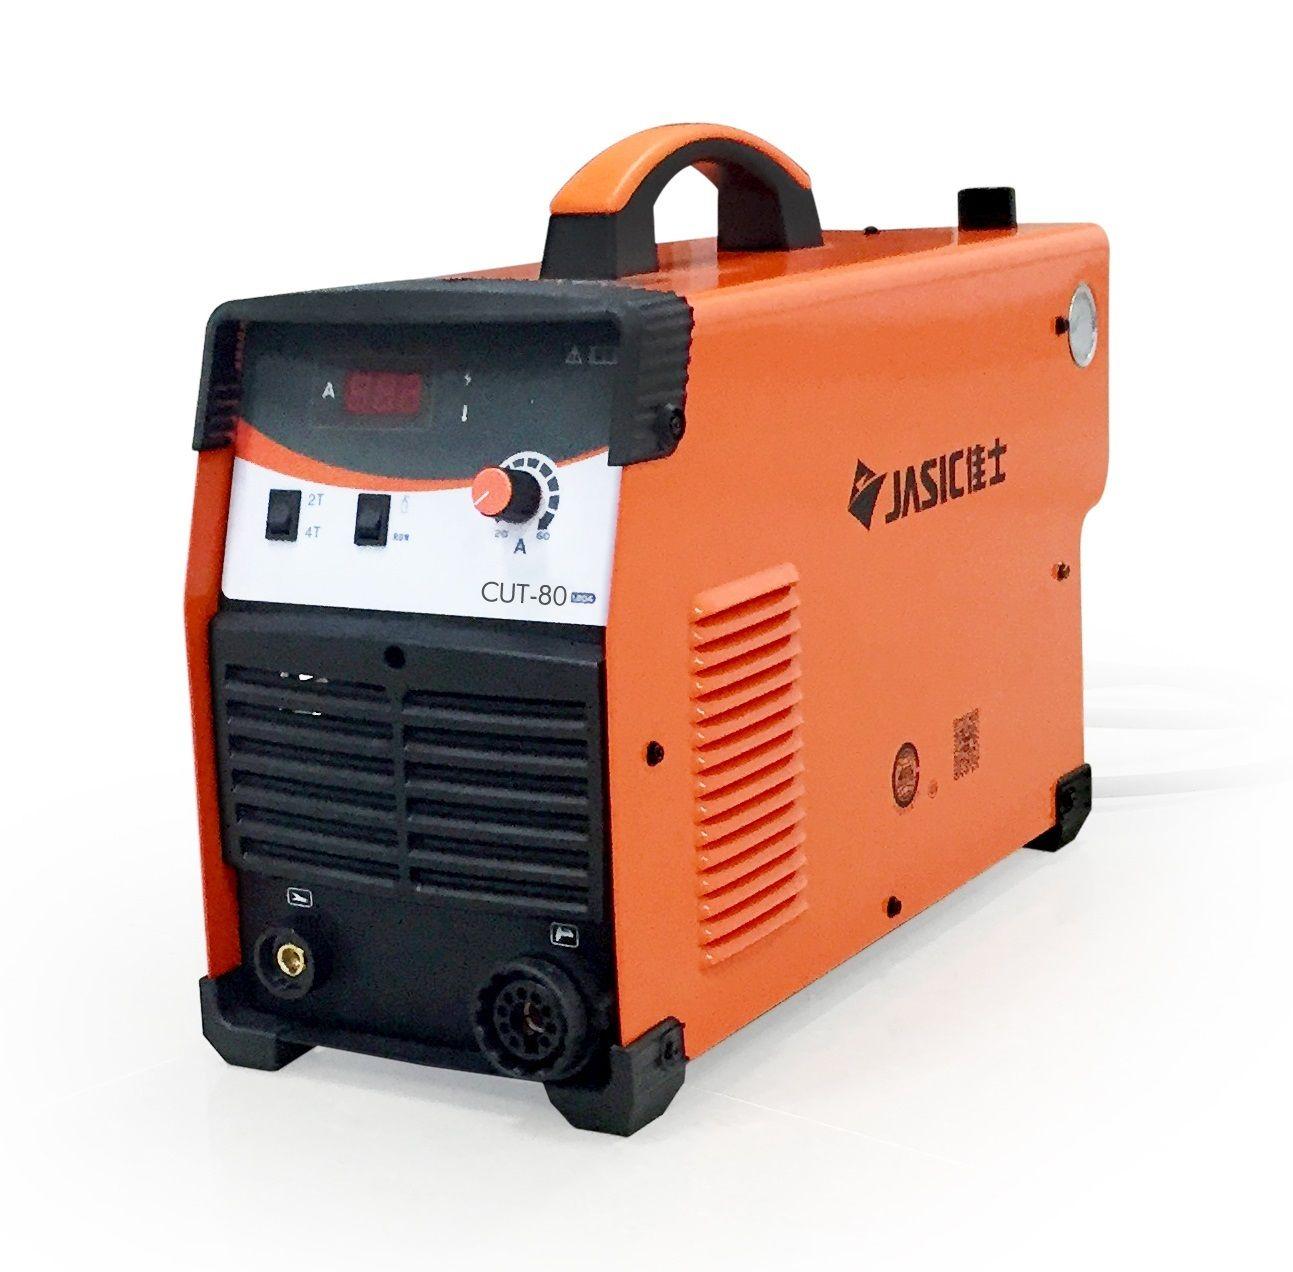 JASIC CUT 120 + hořák LT141/6m + příslušenství, plazmová řezačka